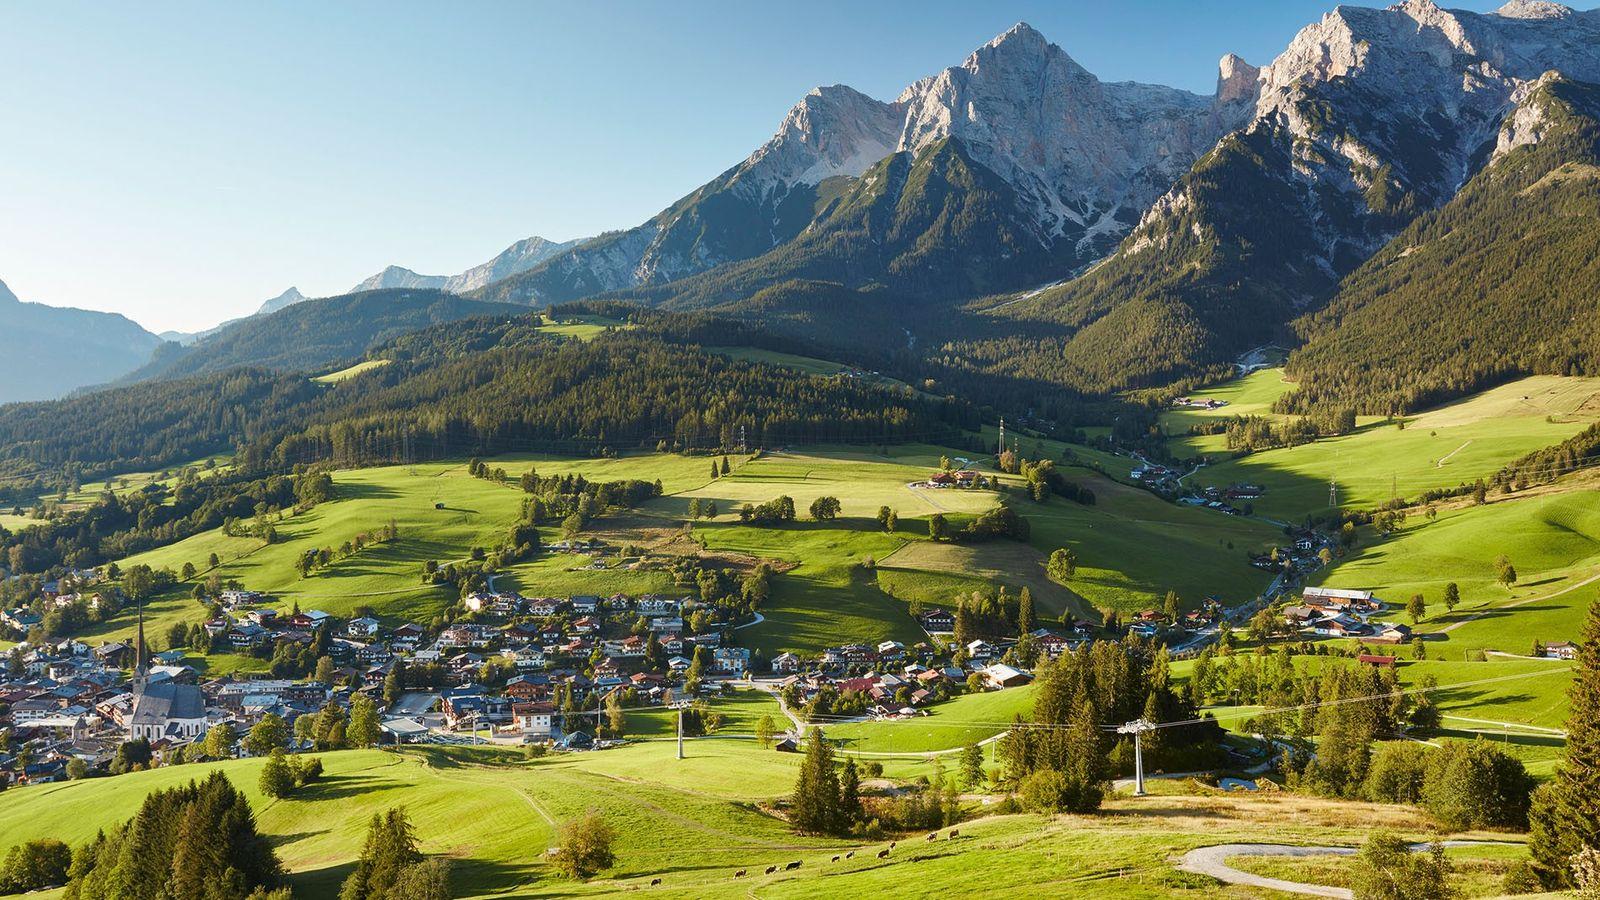 The village of Maria Alm, Hochkönig region